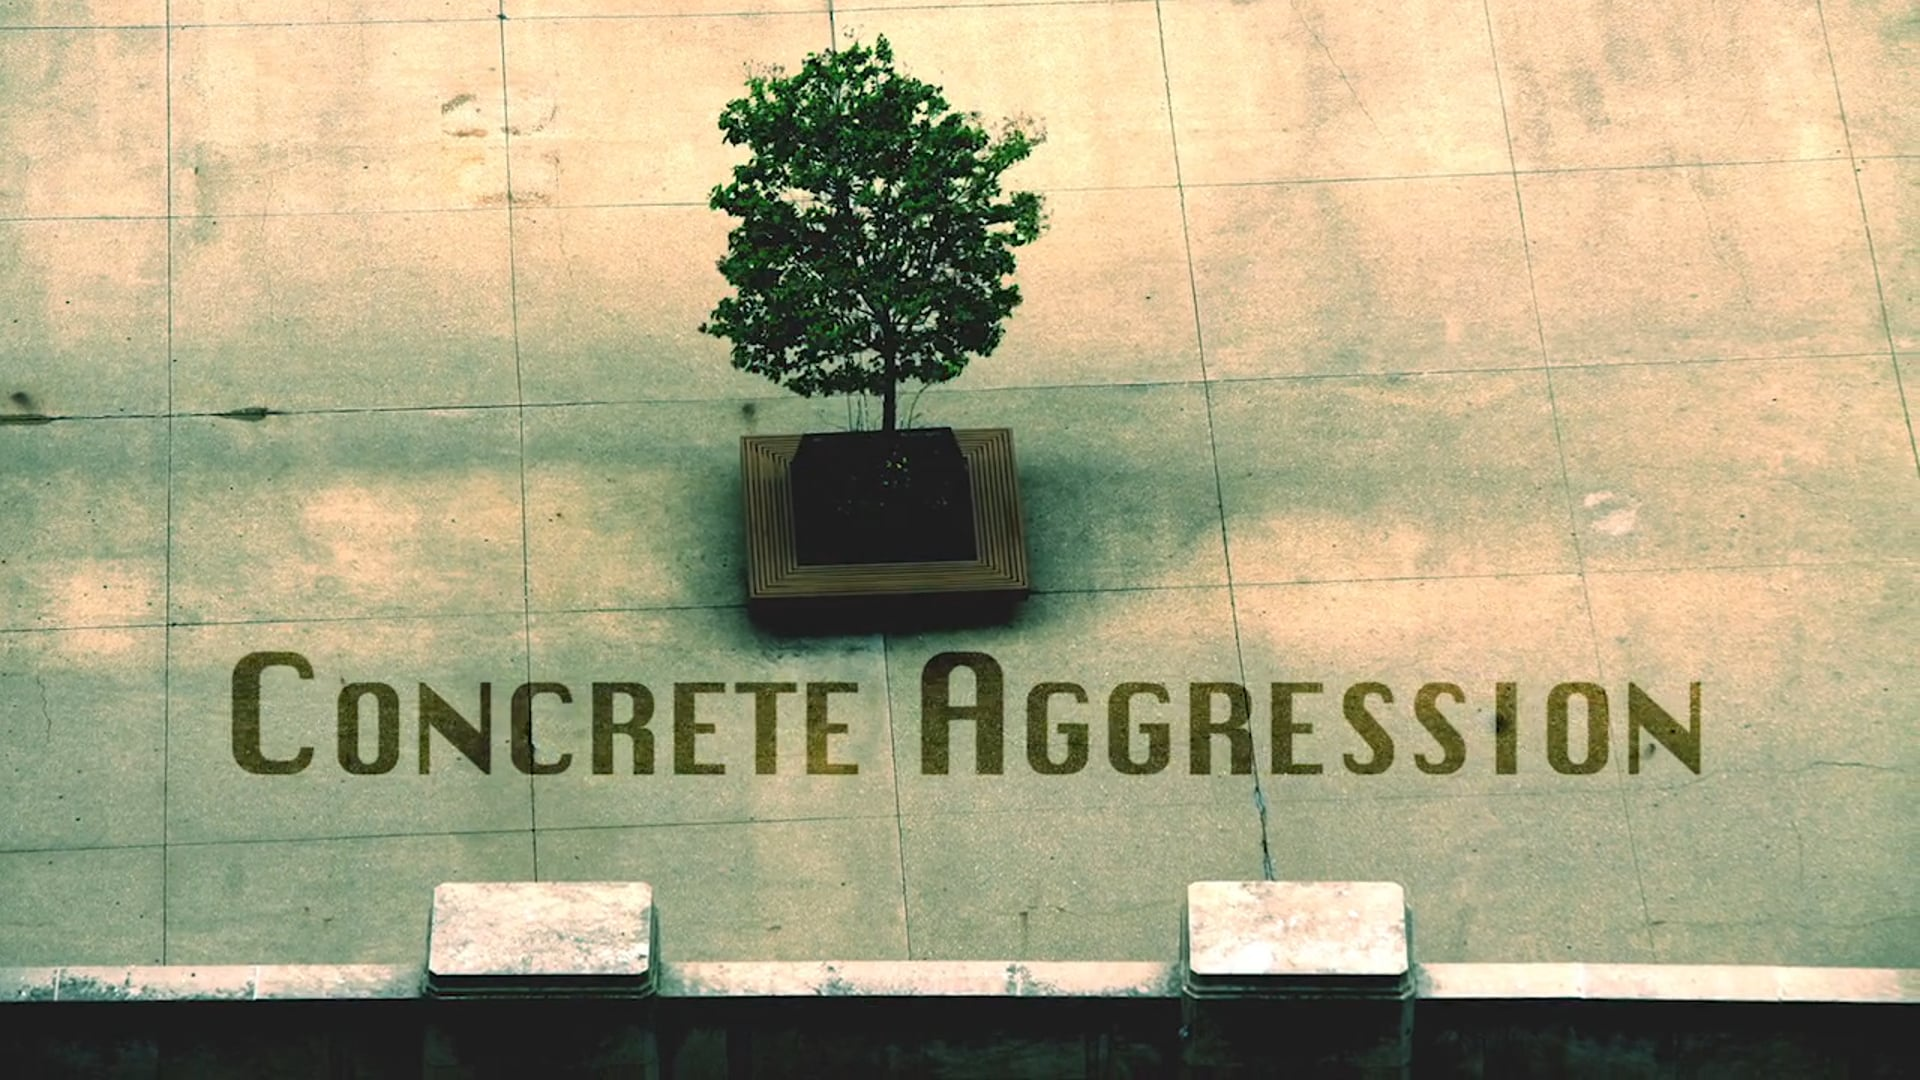 Concrete Aggression